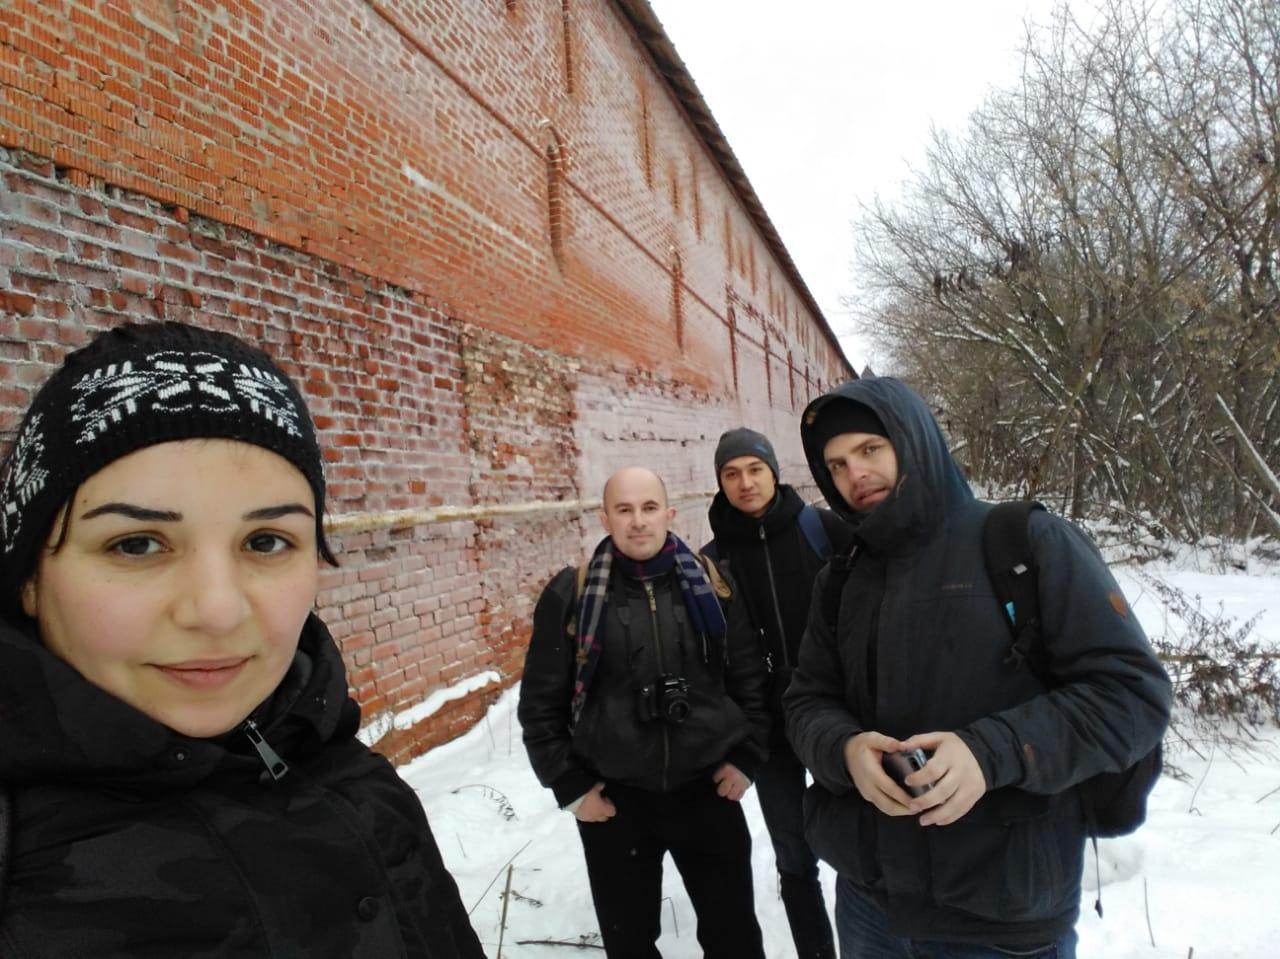 Старинный город Серпухов. Владычный монастырь, заброшенный храм и улочки с деревянными домами